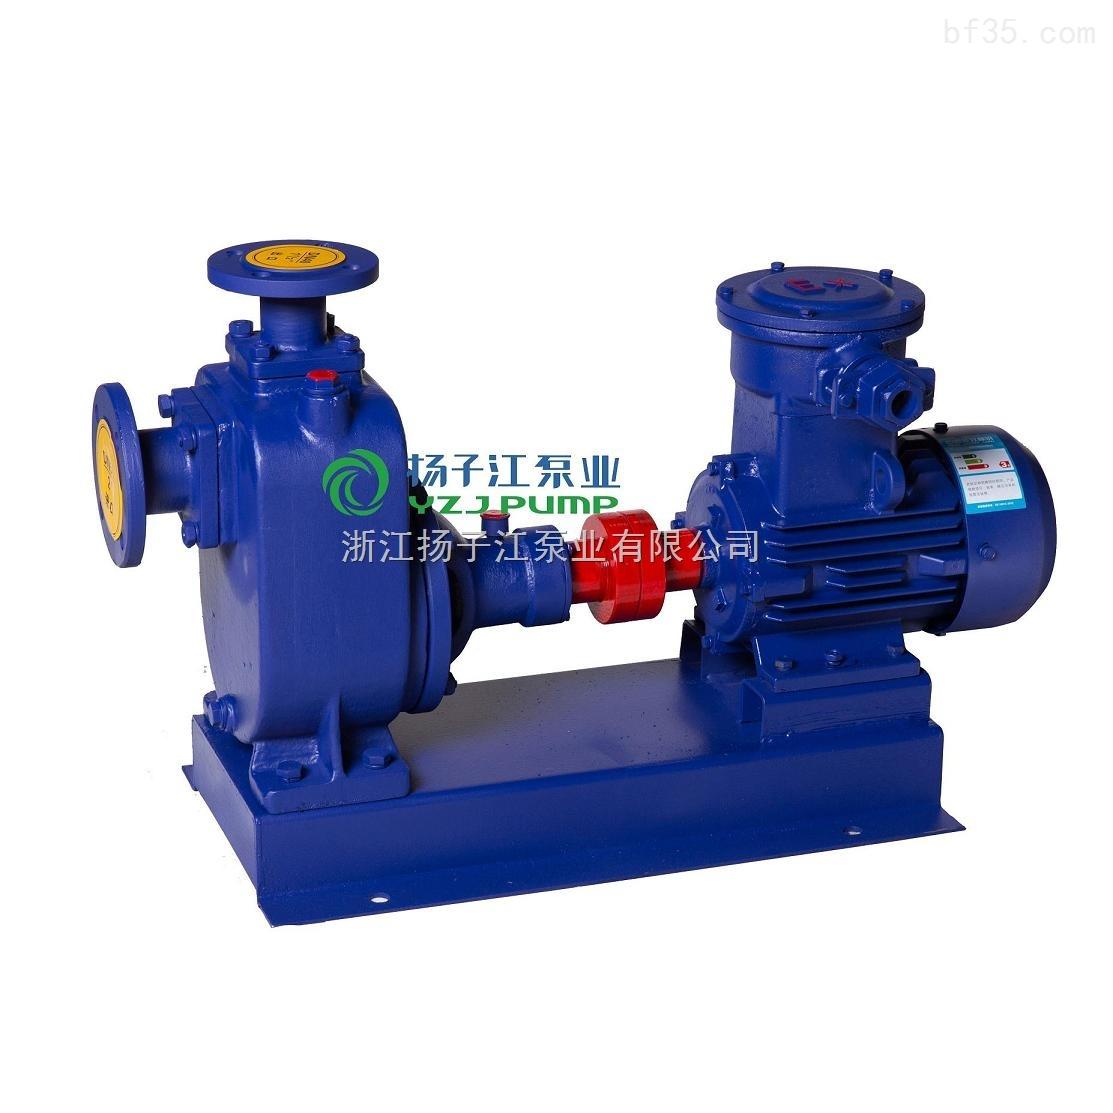 不锈钢自吸泵-耐腐蚀自吸泵-不锈钢防爆自吸泵-自吸泵